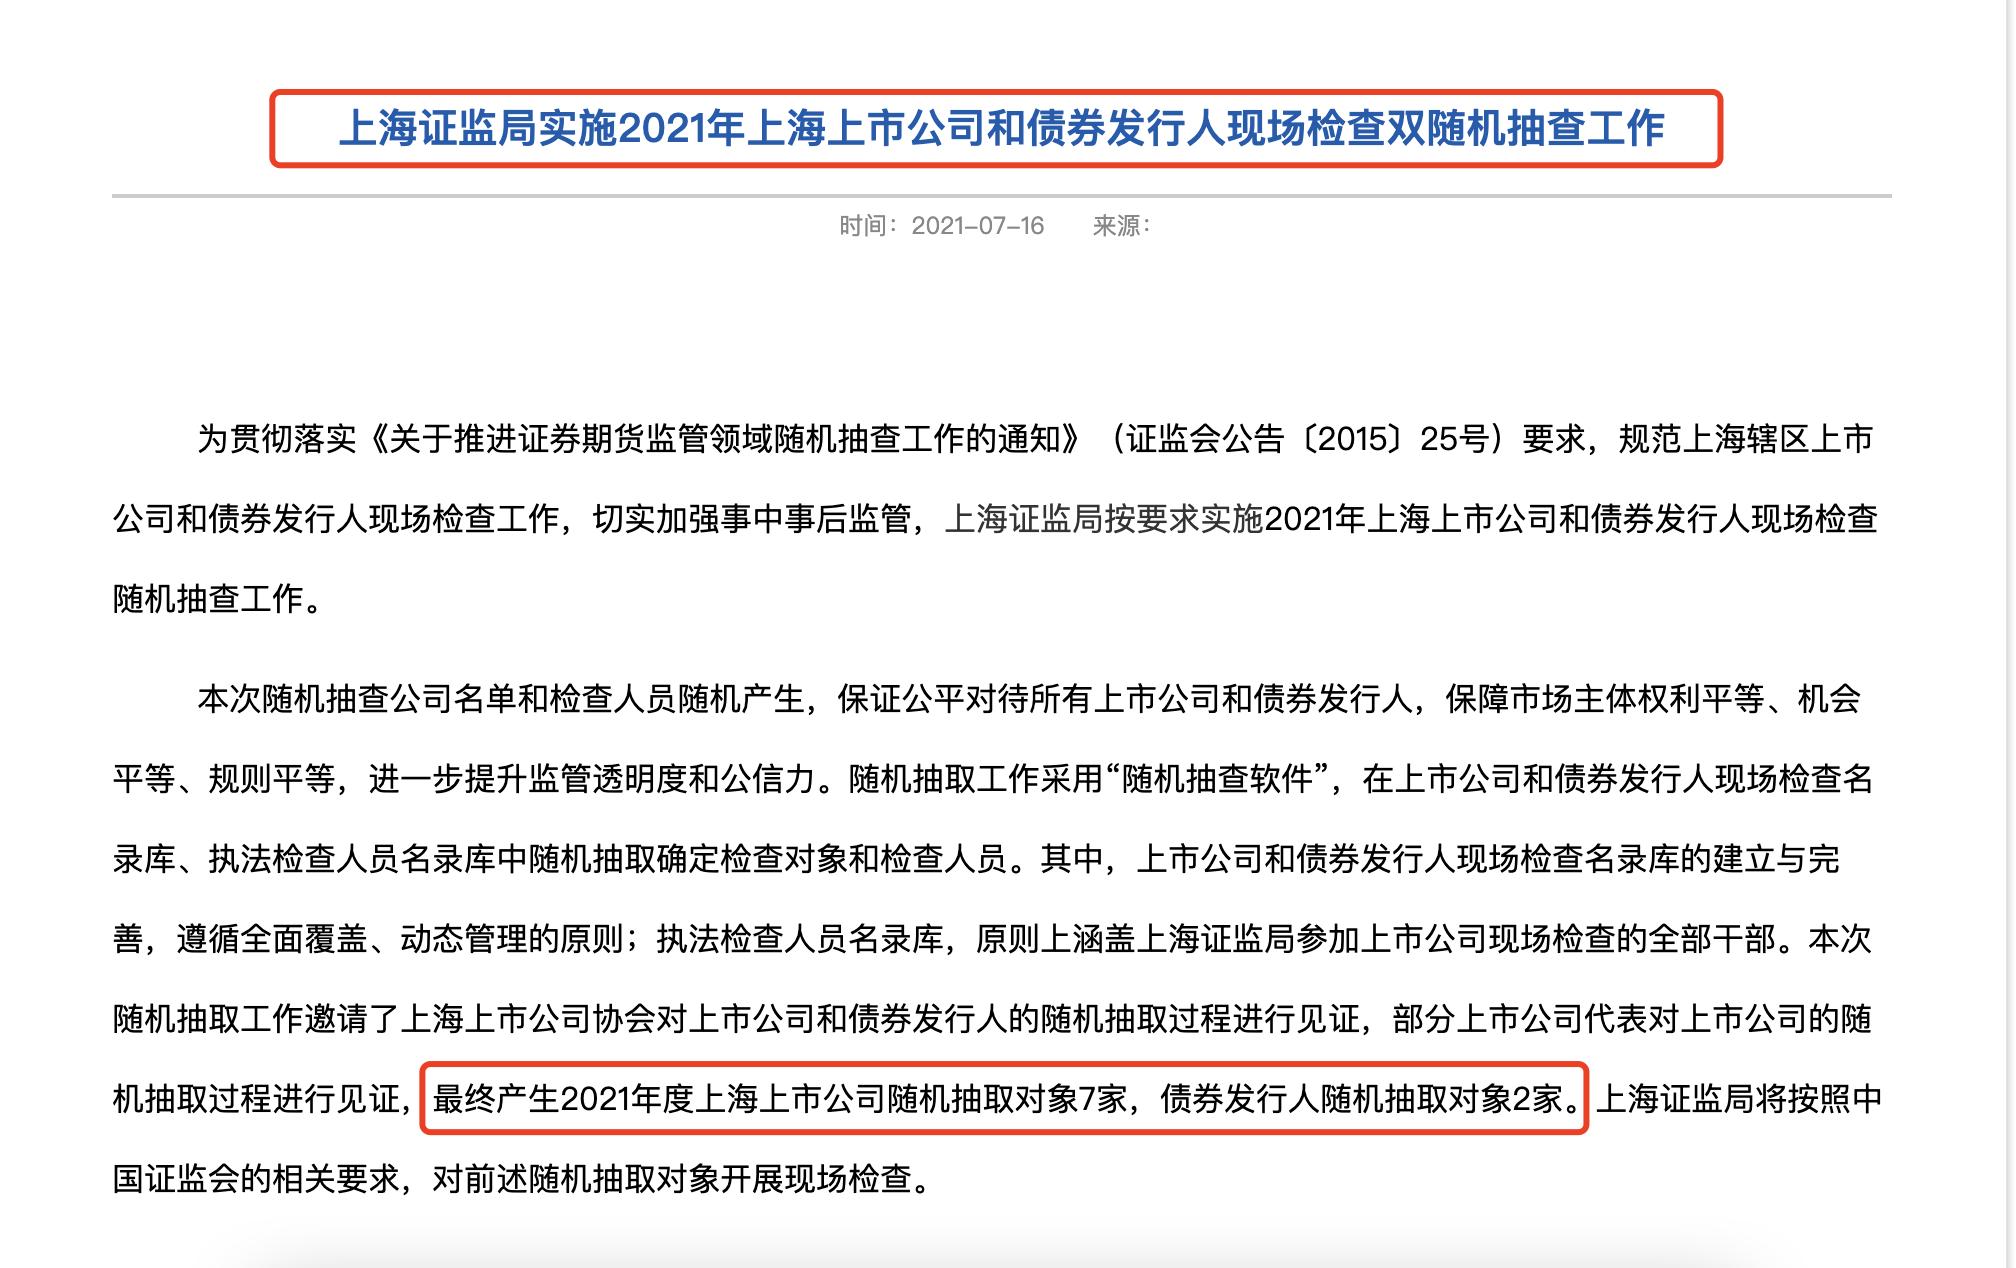 """债券业务现场督导进行时!上海证监局抽中2家债券发行人现场检查,证监会17号令多次提及""""现场检查"""""""